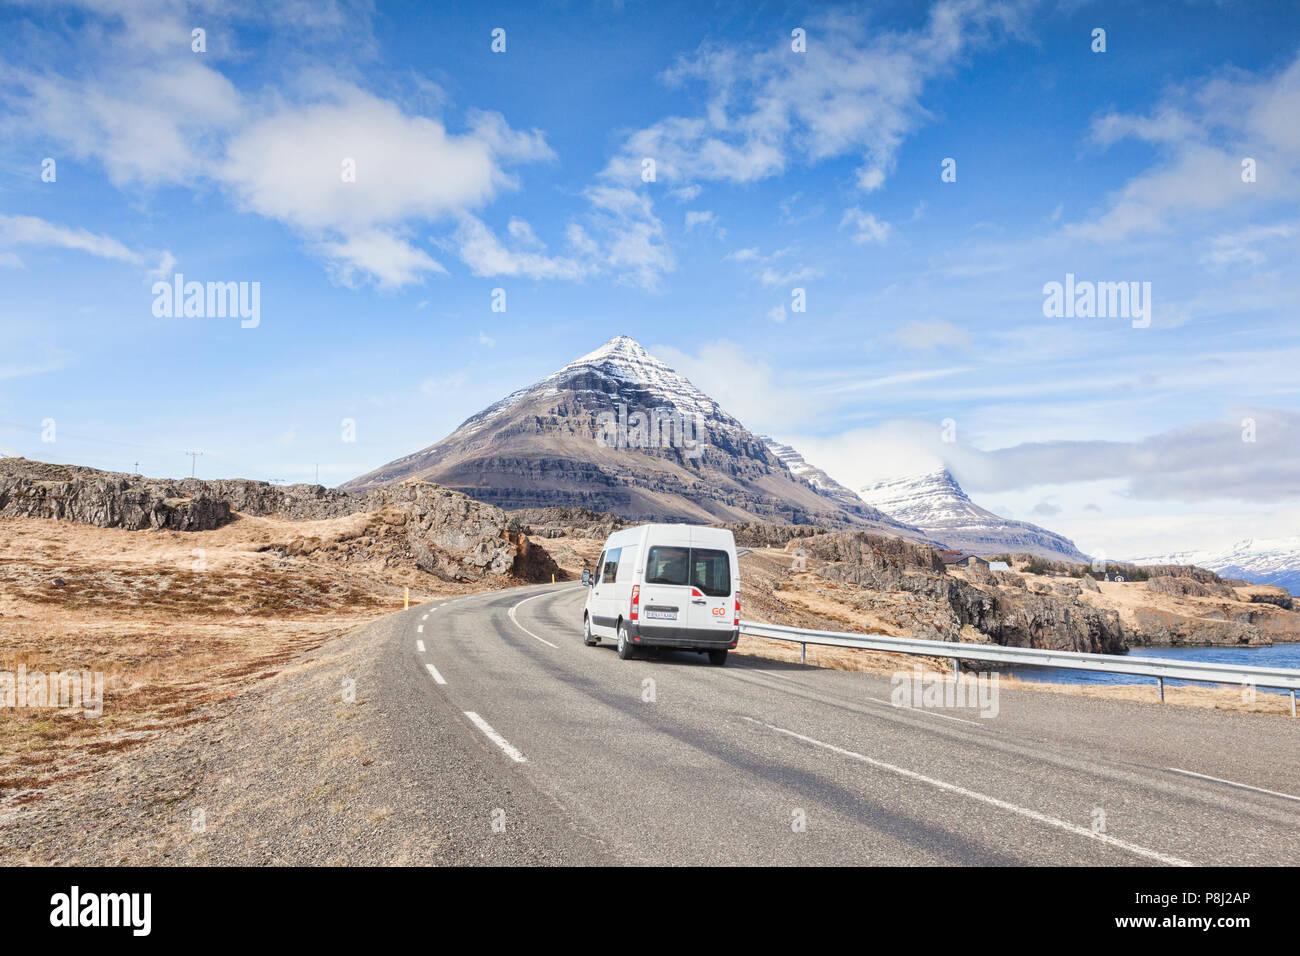 28 de abril de 2018: el sur de Islandia - furgoneta blanca, en la carretera de circunvalación de Islandia. Foto de stock